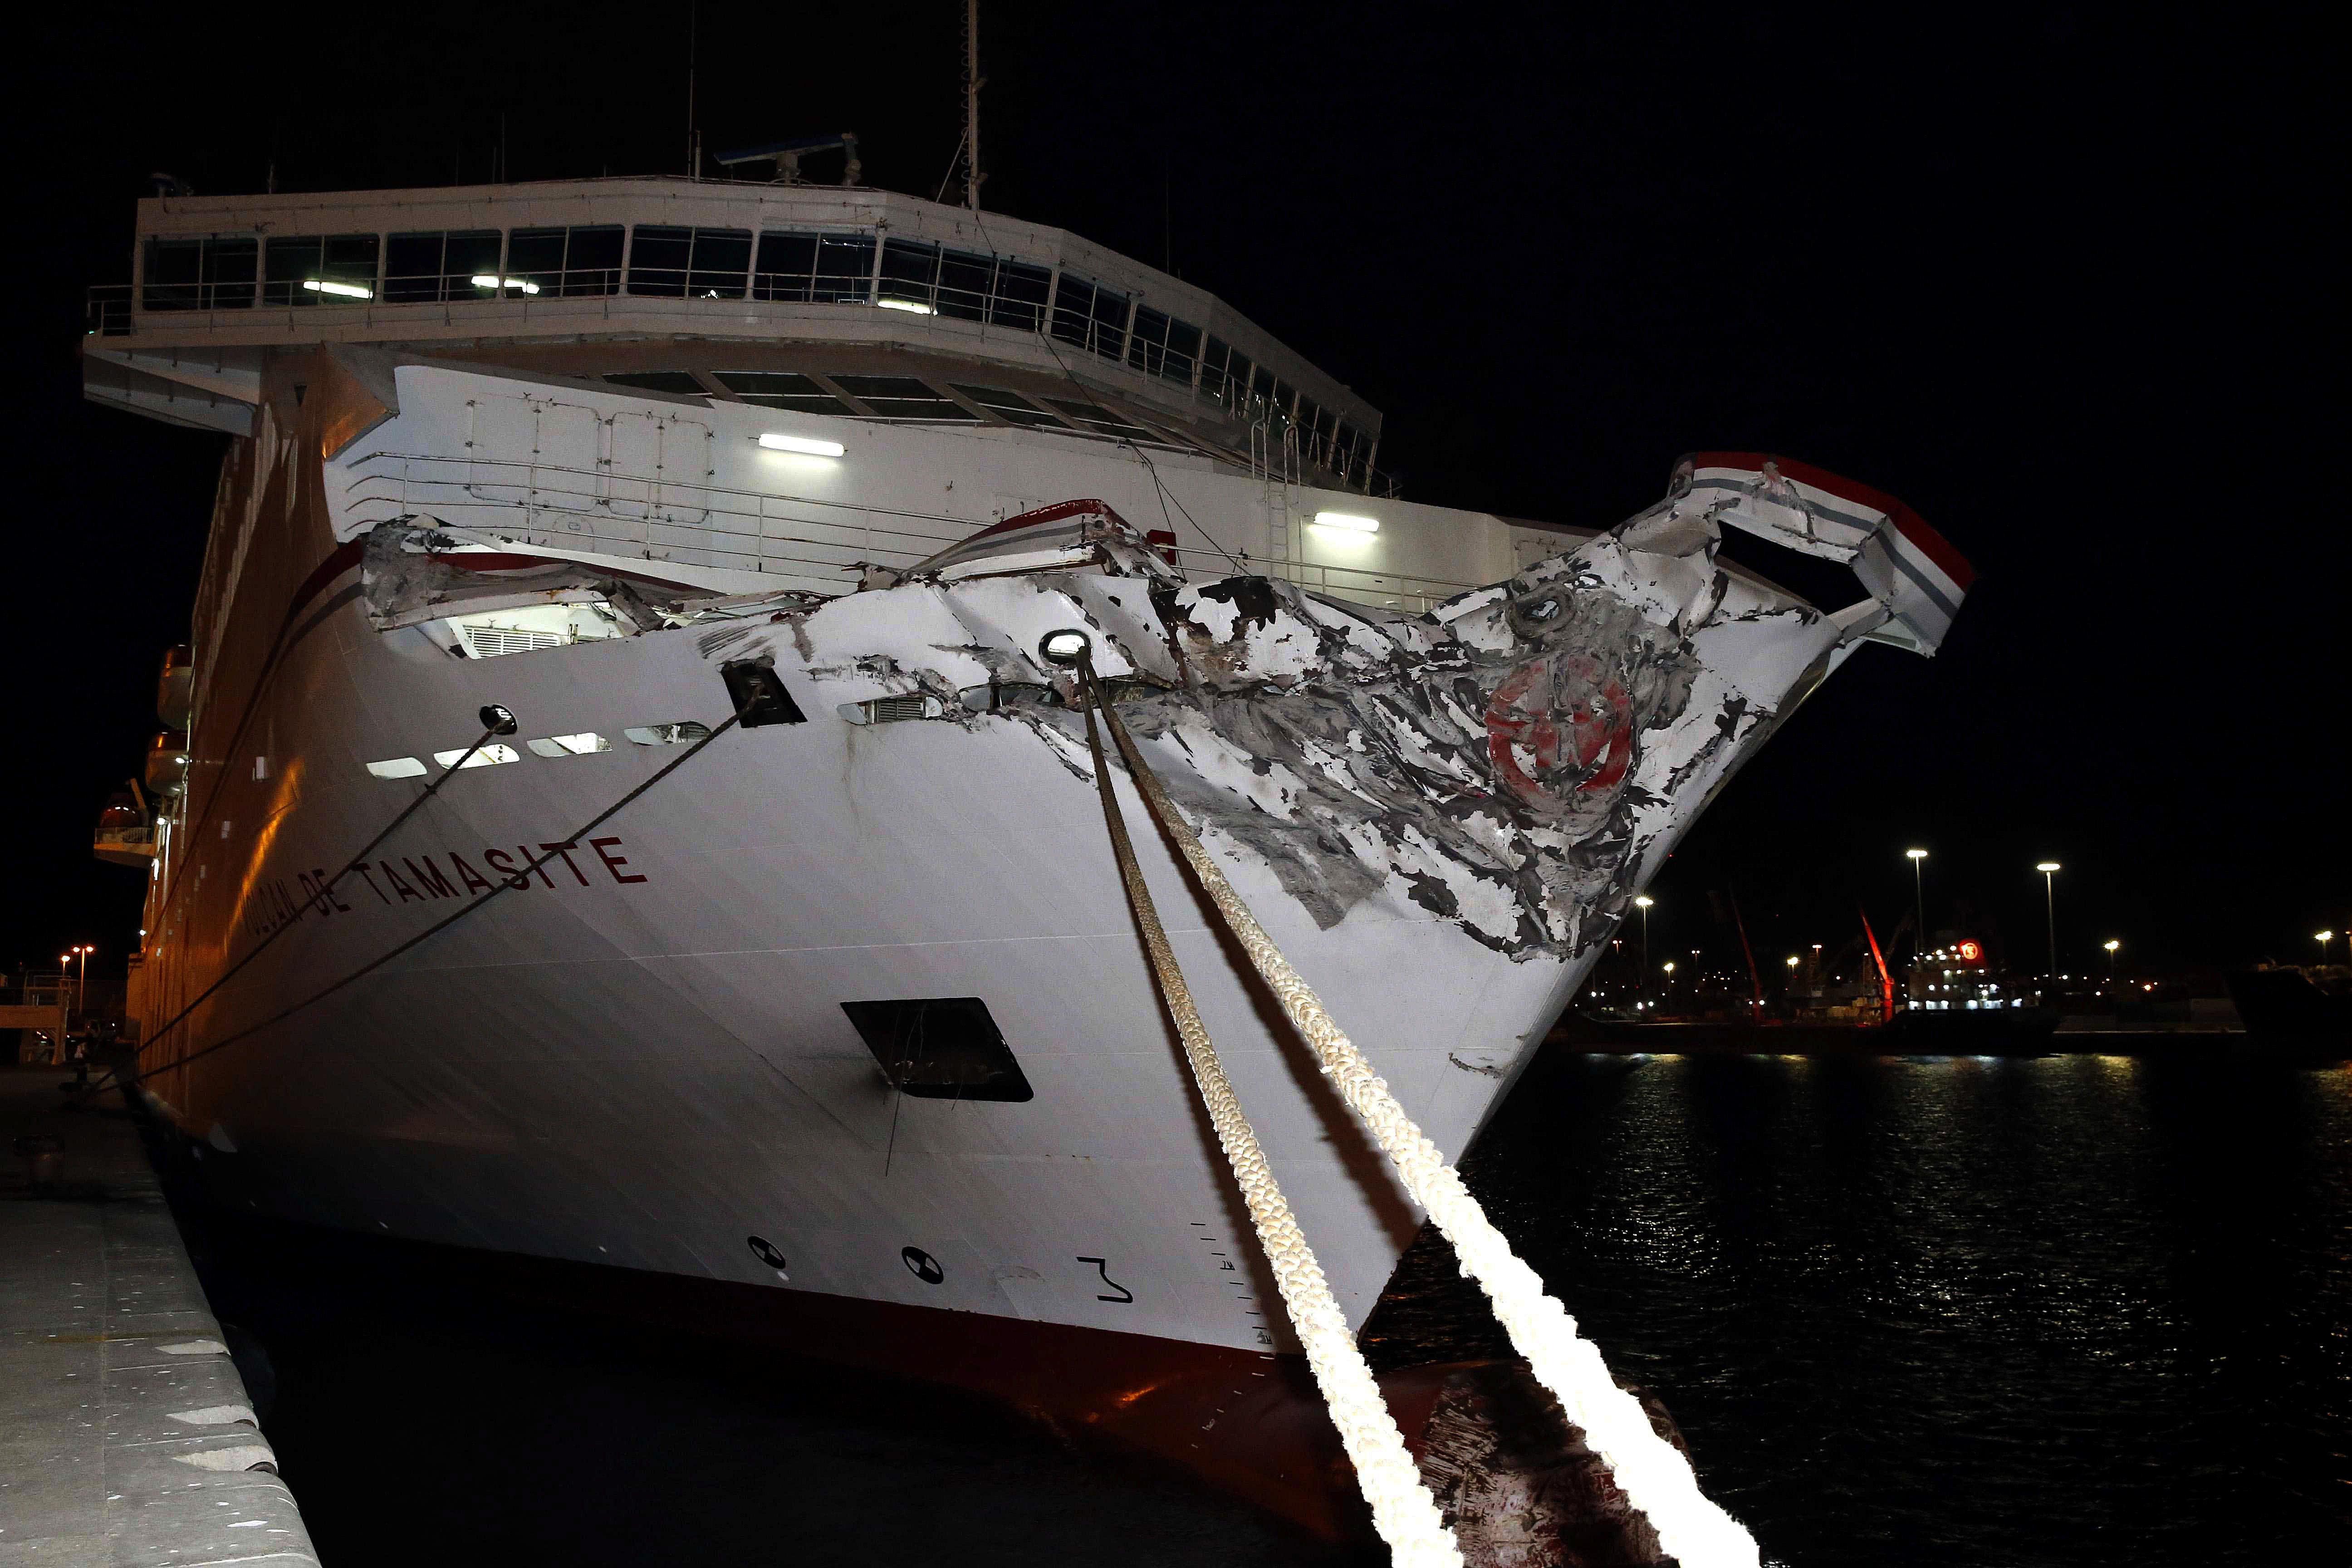 Colisiona en gran canaria un ferry construido por barreras for Horario oficina naviera armas las palmas